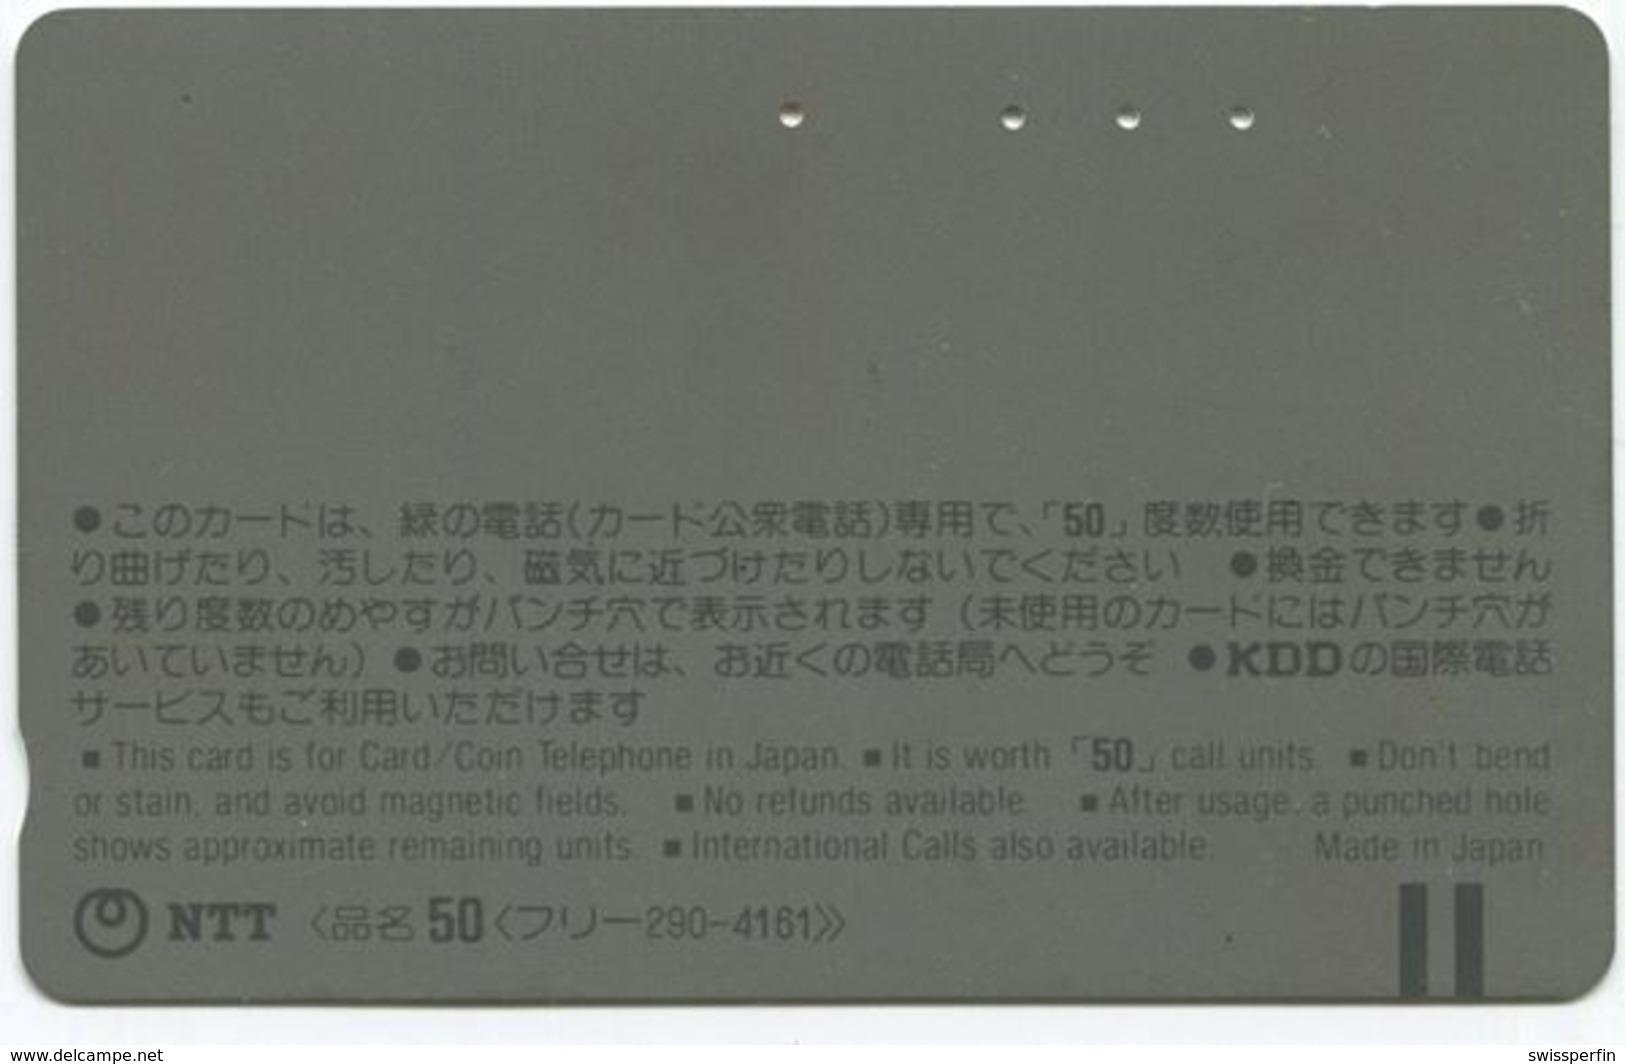 1983 - Pink Panther Comic Japan Telefonkarte - BD